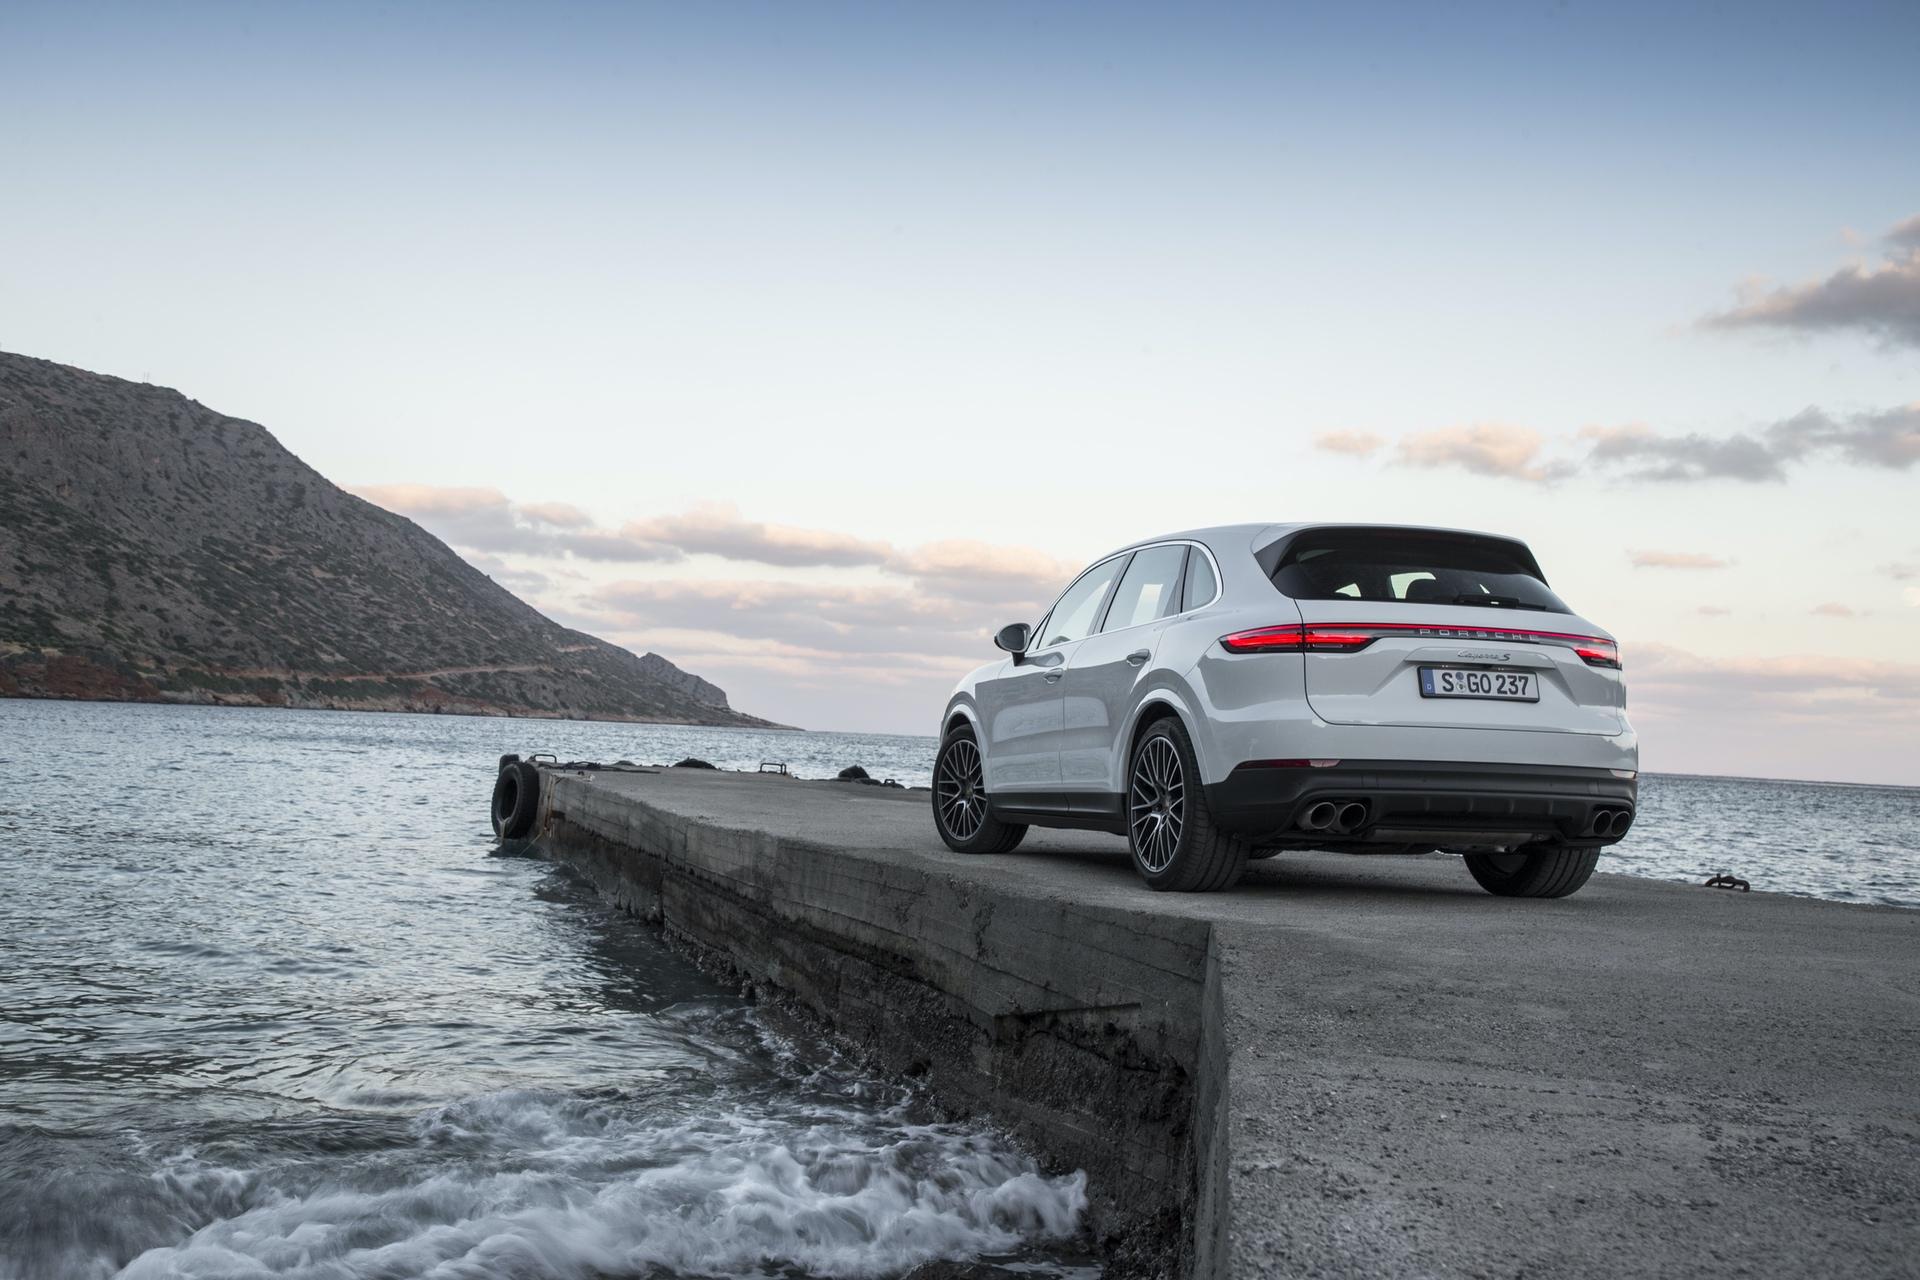 Test_Drive_Porsche_Cayenne_262